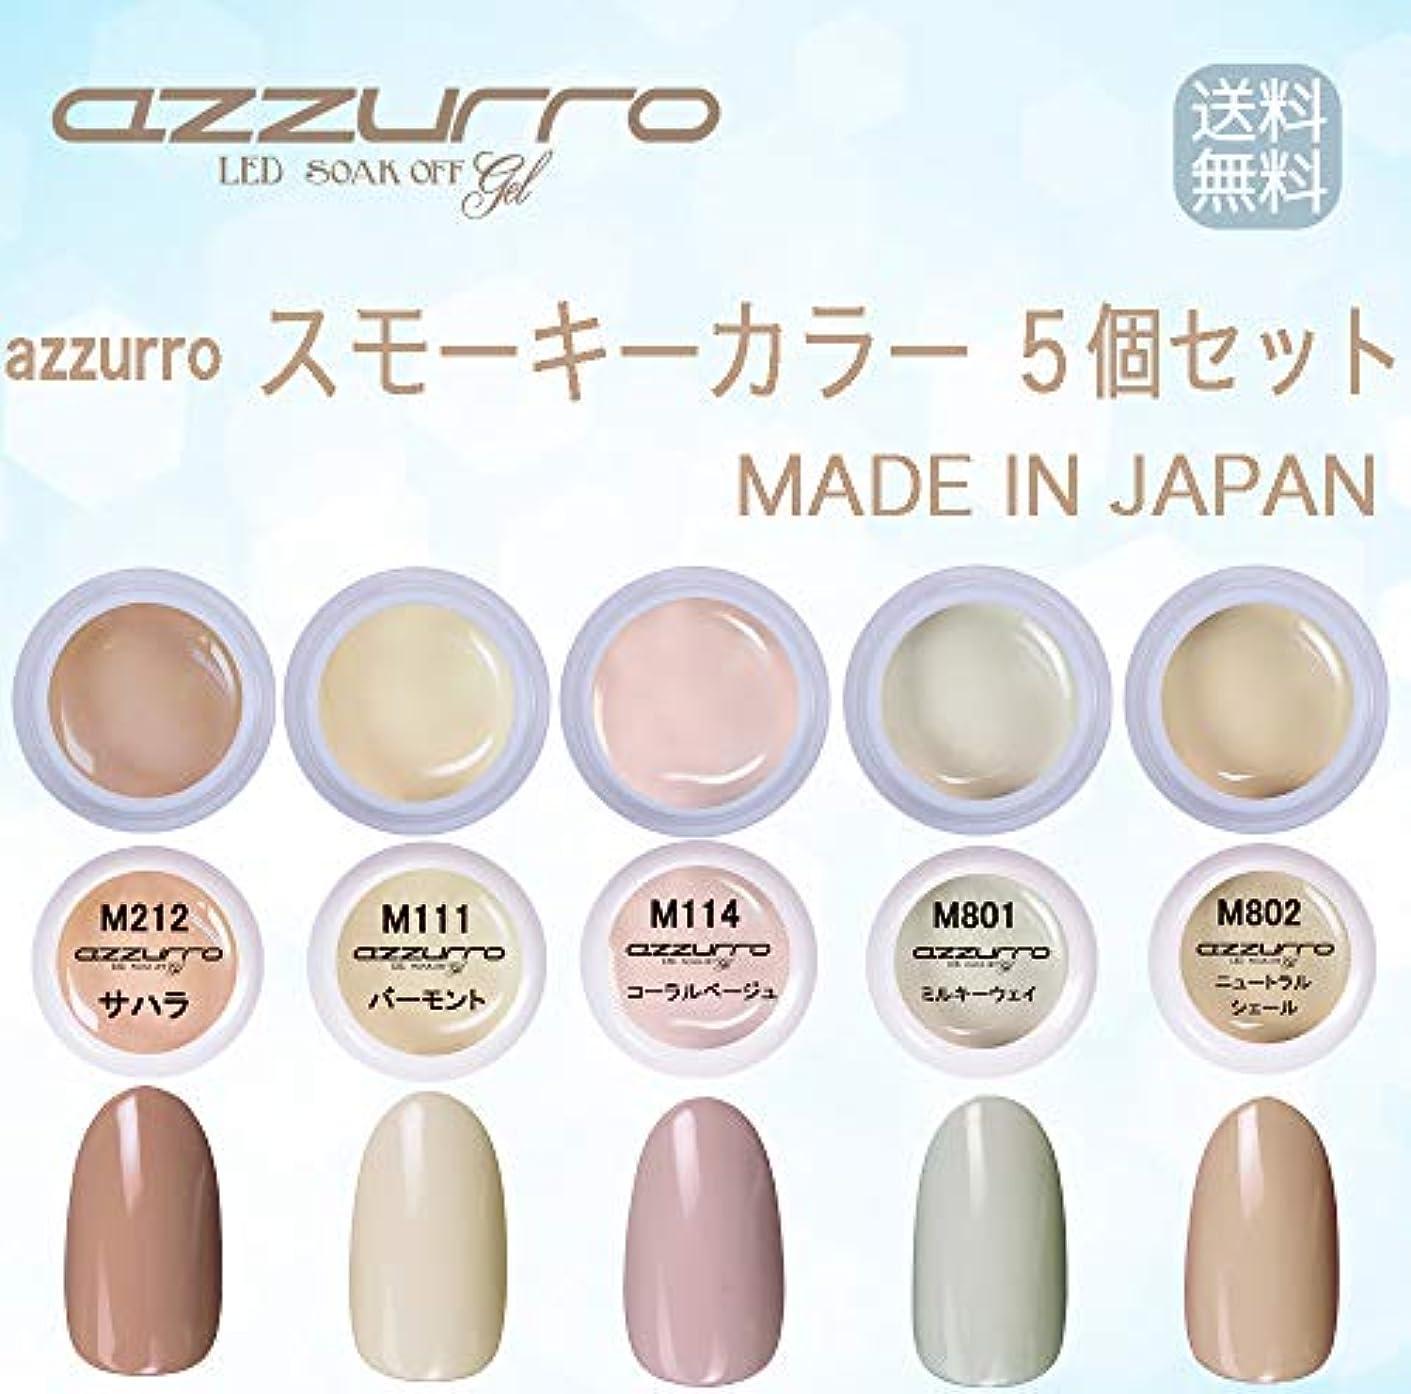 面倒批評乳剤【送料無料】日本製 azzurro gel スモーキーカラー カラージェル5個セット 春ネイルにぴったりなスモーキーカラー